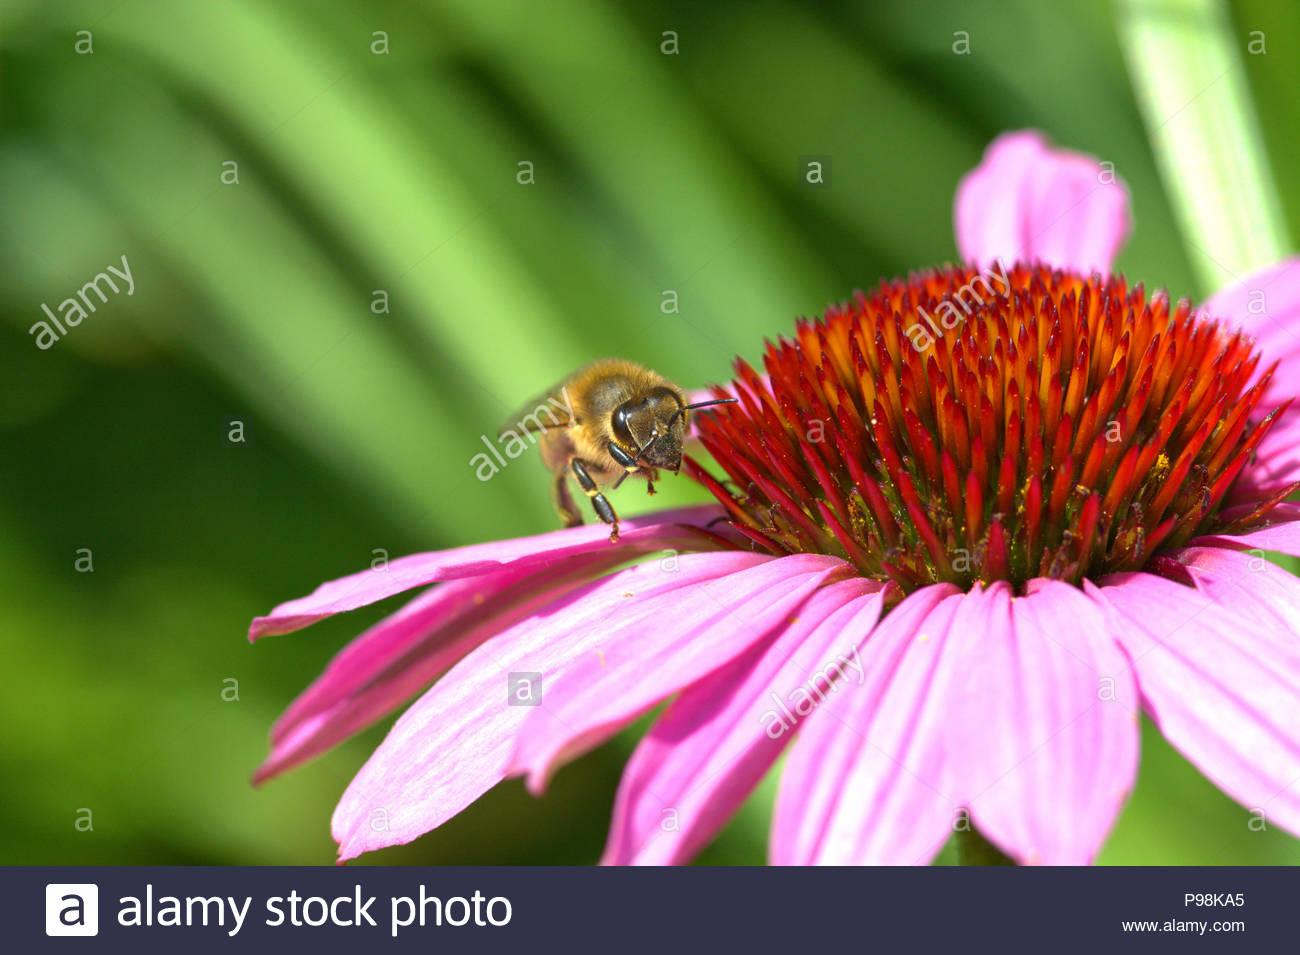 Purpur-Sonnenhut - Echinacea purpurea, auch Roter Scheinsonnenhut genannt. Foto der Blüte mit dem konischen Blütenkorb mit einer Wildbiene. - Stock Image